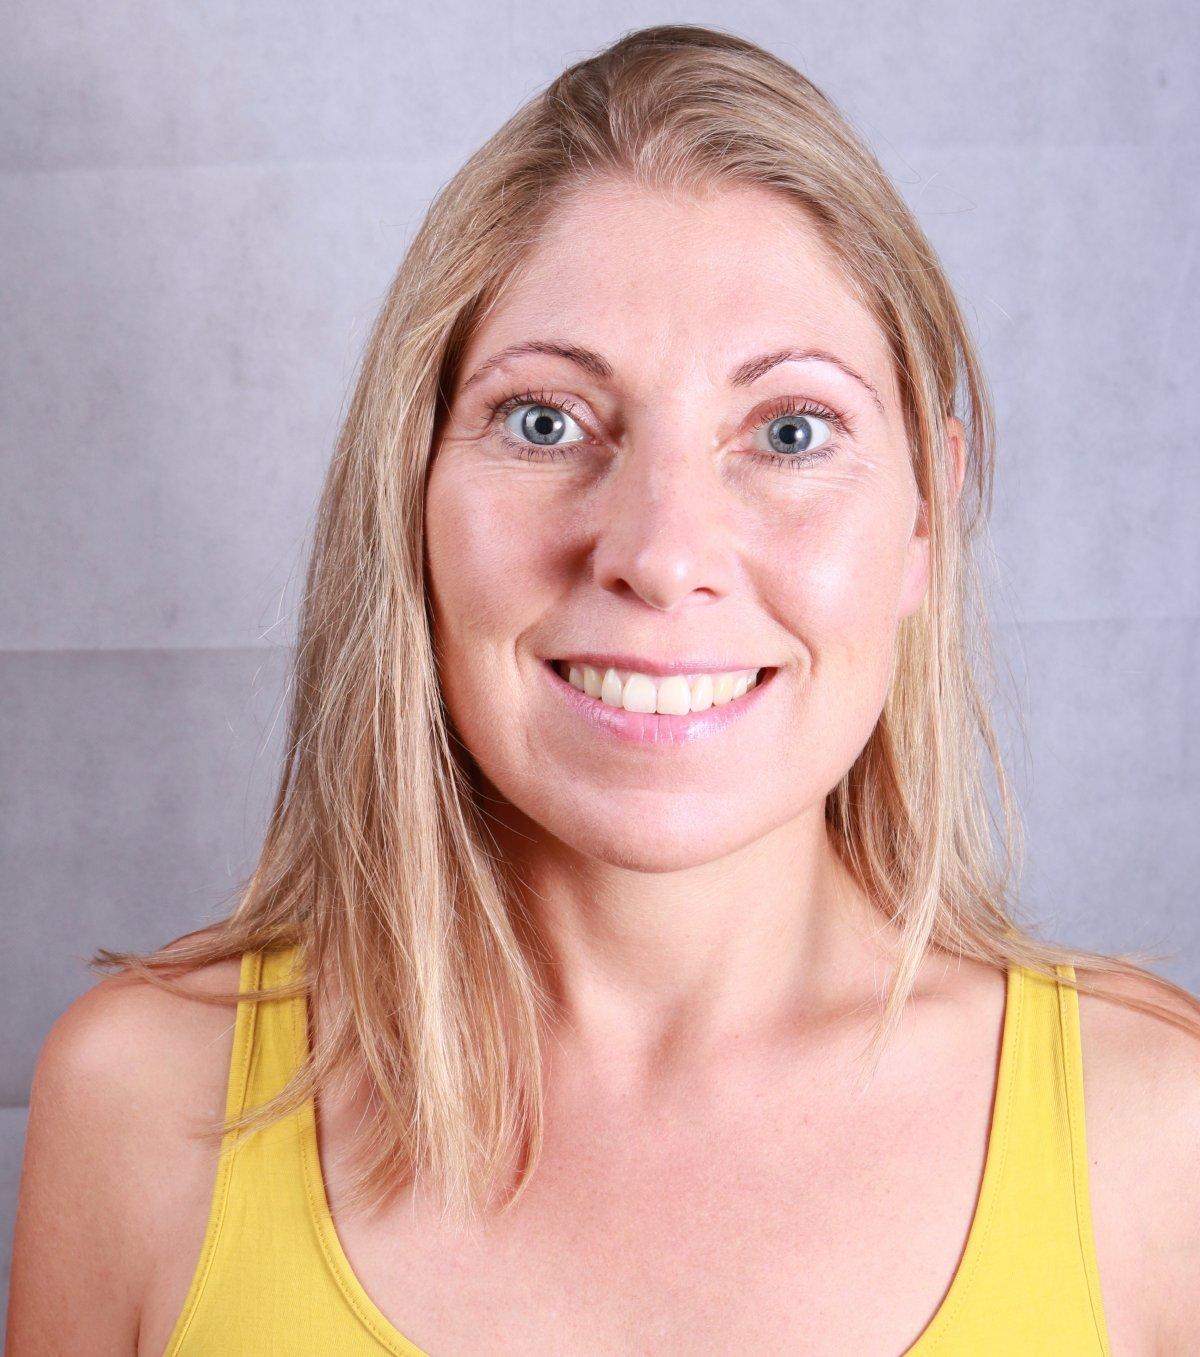 Auf dem Foto lacht Irene Bohmann aus Würzburg in die Kamera. Sie hat lange blonde Haare und trägt ein gelbes Top.